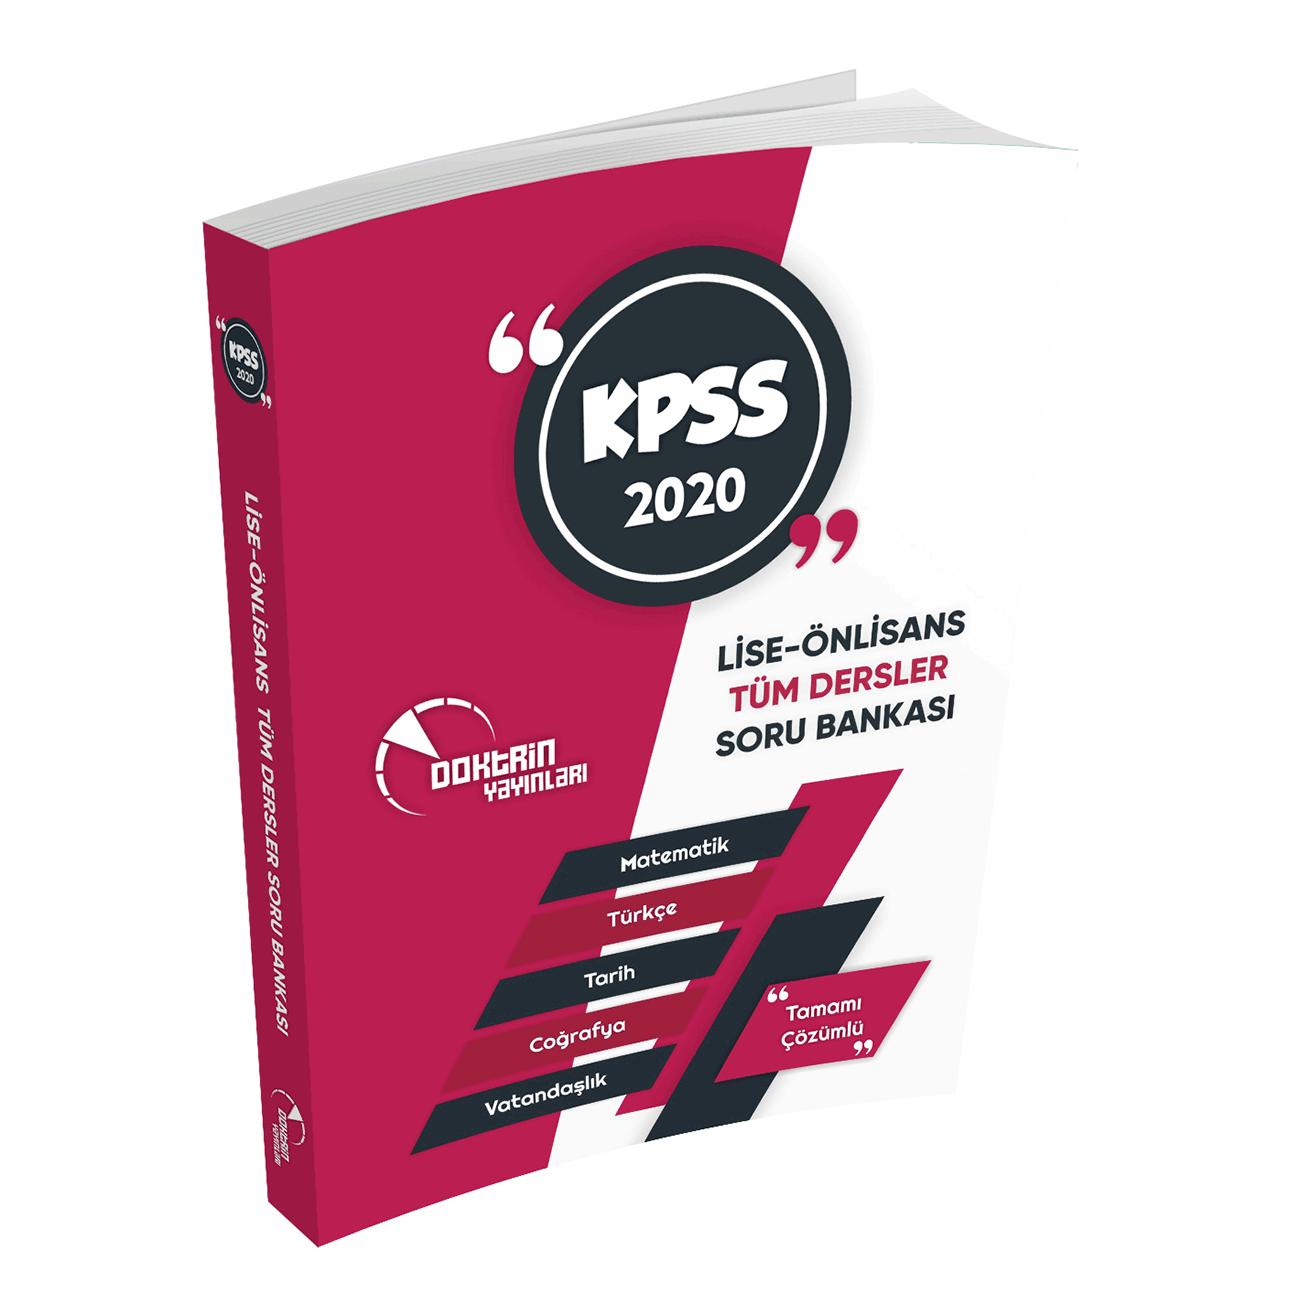 2020 KPSS Lise Önlisans Tüm Dersler Tamamı Çözümlü Soru Bankası